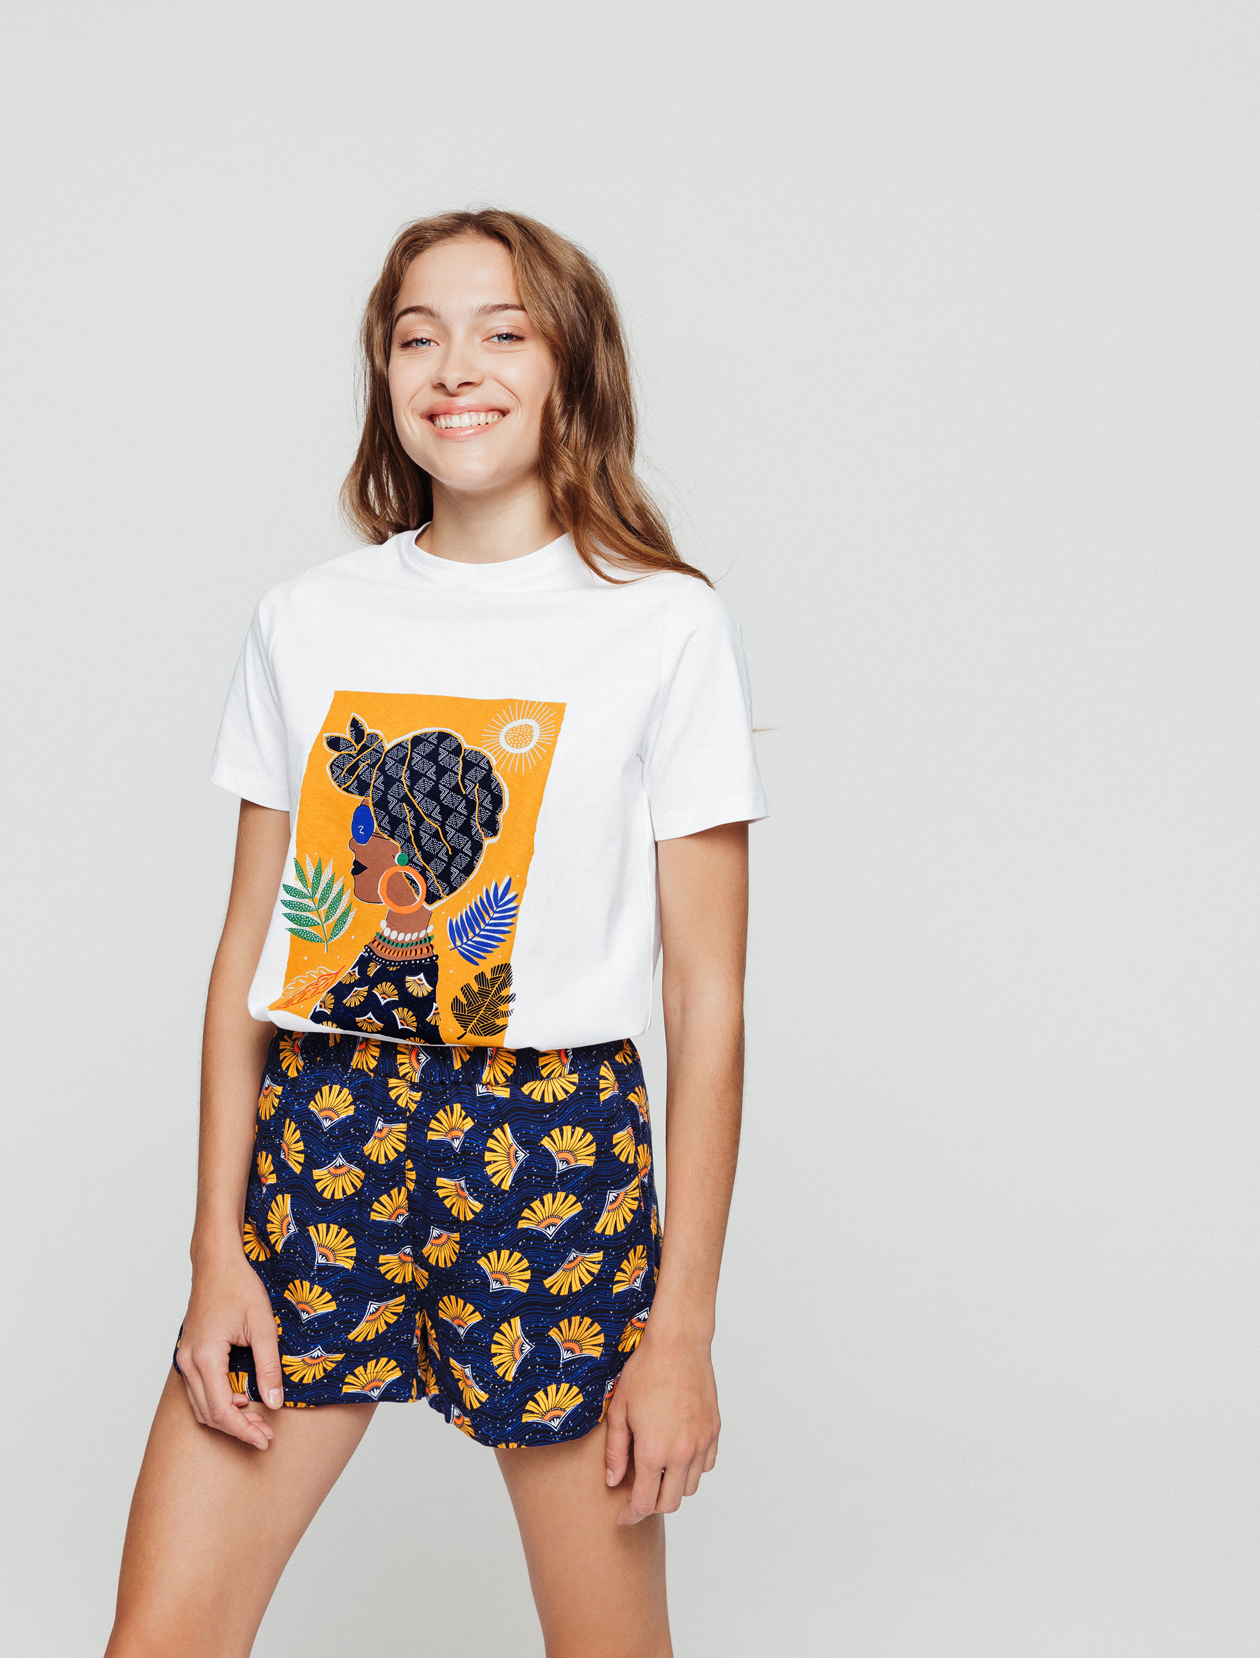 T-shirt visage femme  femme